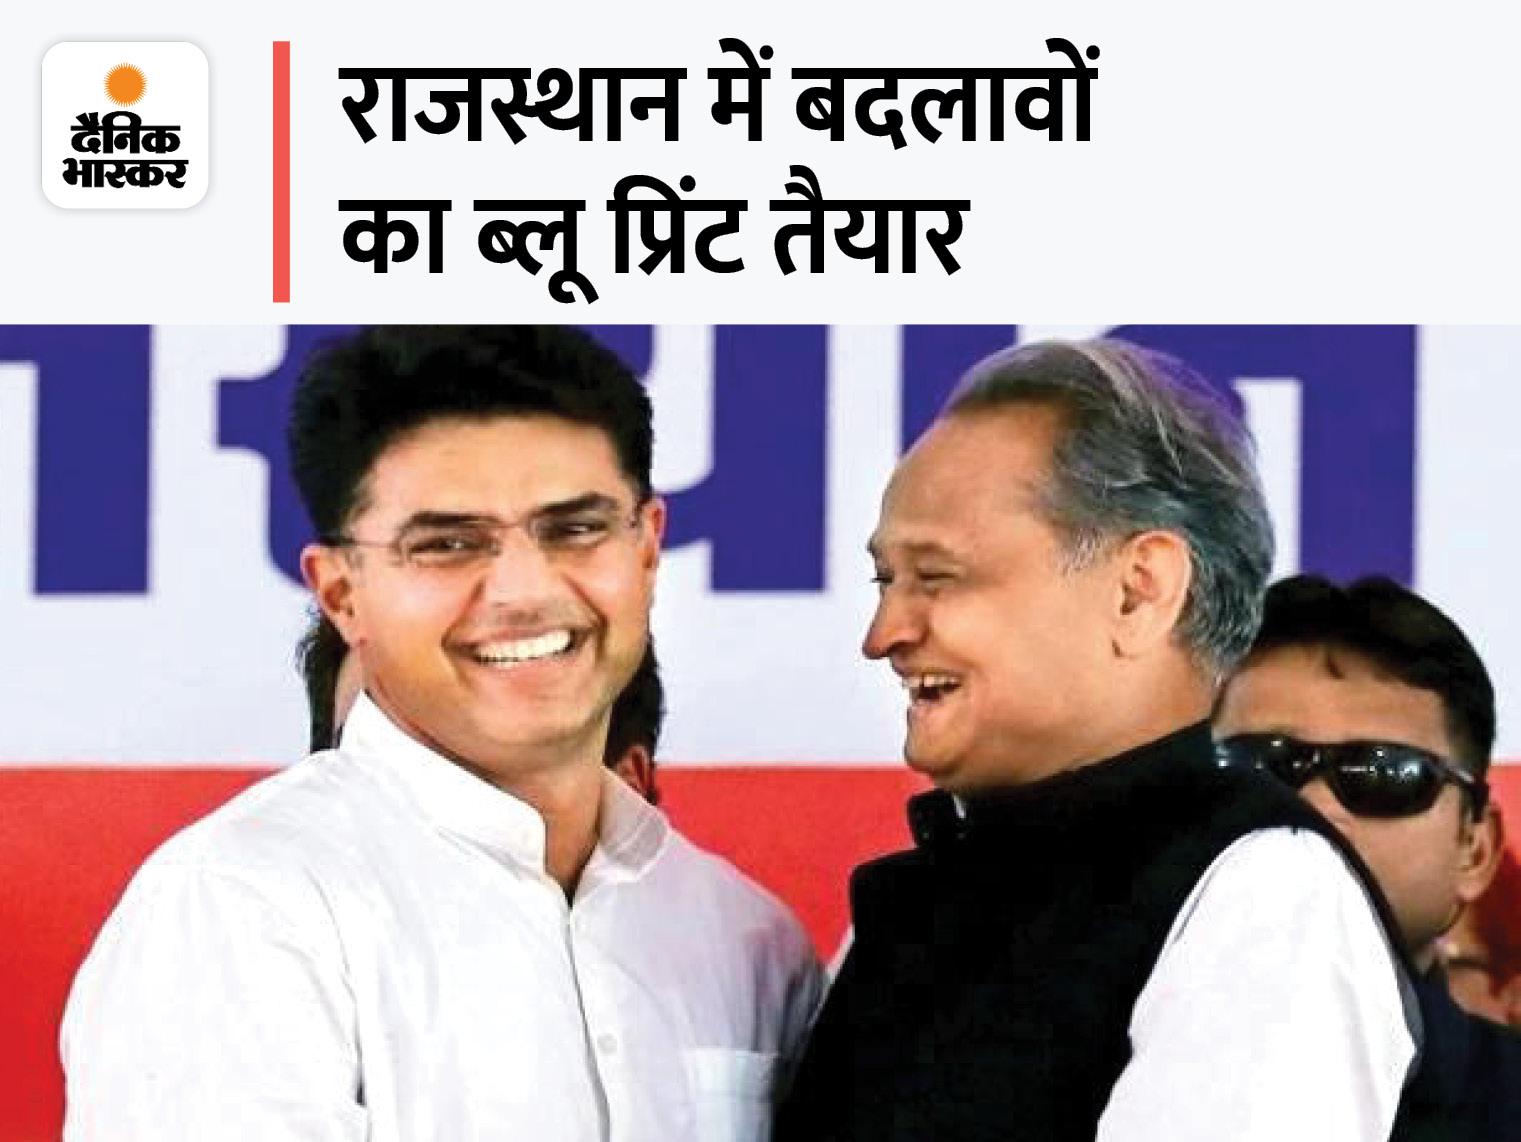 दिल्ली में बैठकों का दौर, लॉबिंग में जुटे नेता, 1 अक्टूबर को दिग्विजय सिंह जयपुर में कांग्रेस विधायक-मंत्रियों से मुलाकात करेंगे|जयपुर,Jaipur - Dainik Bhaskar